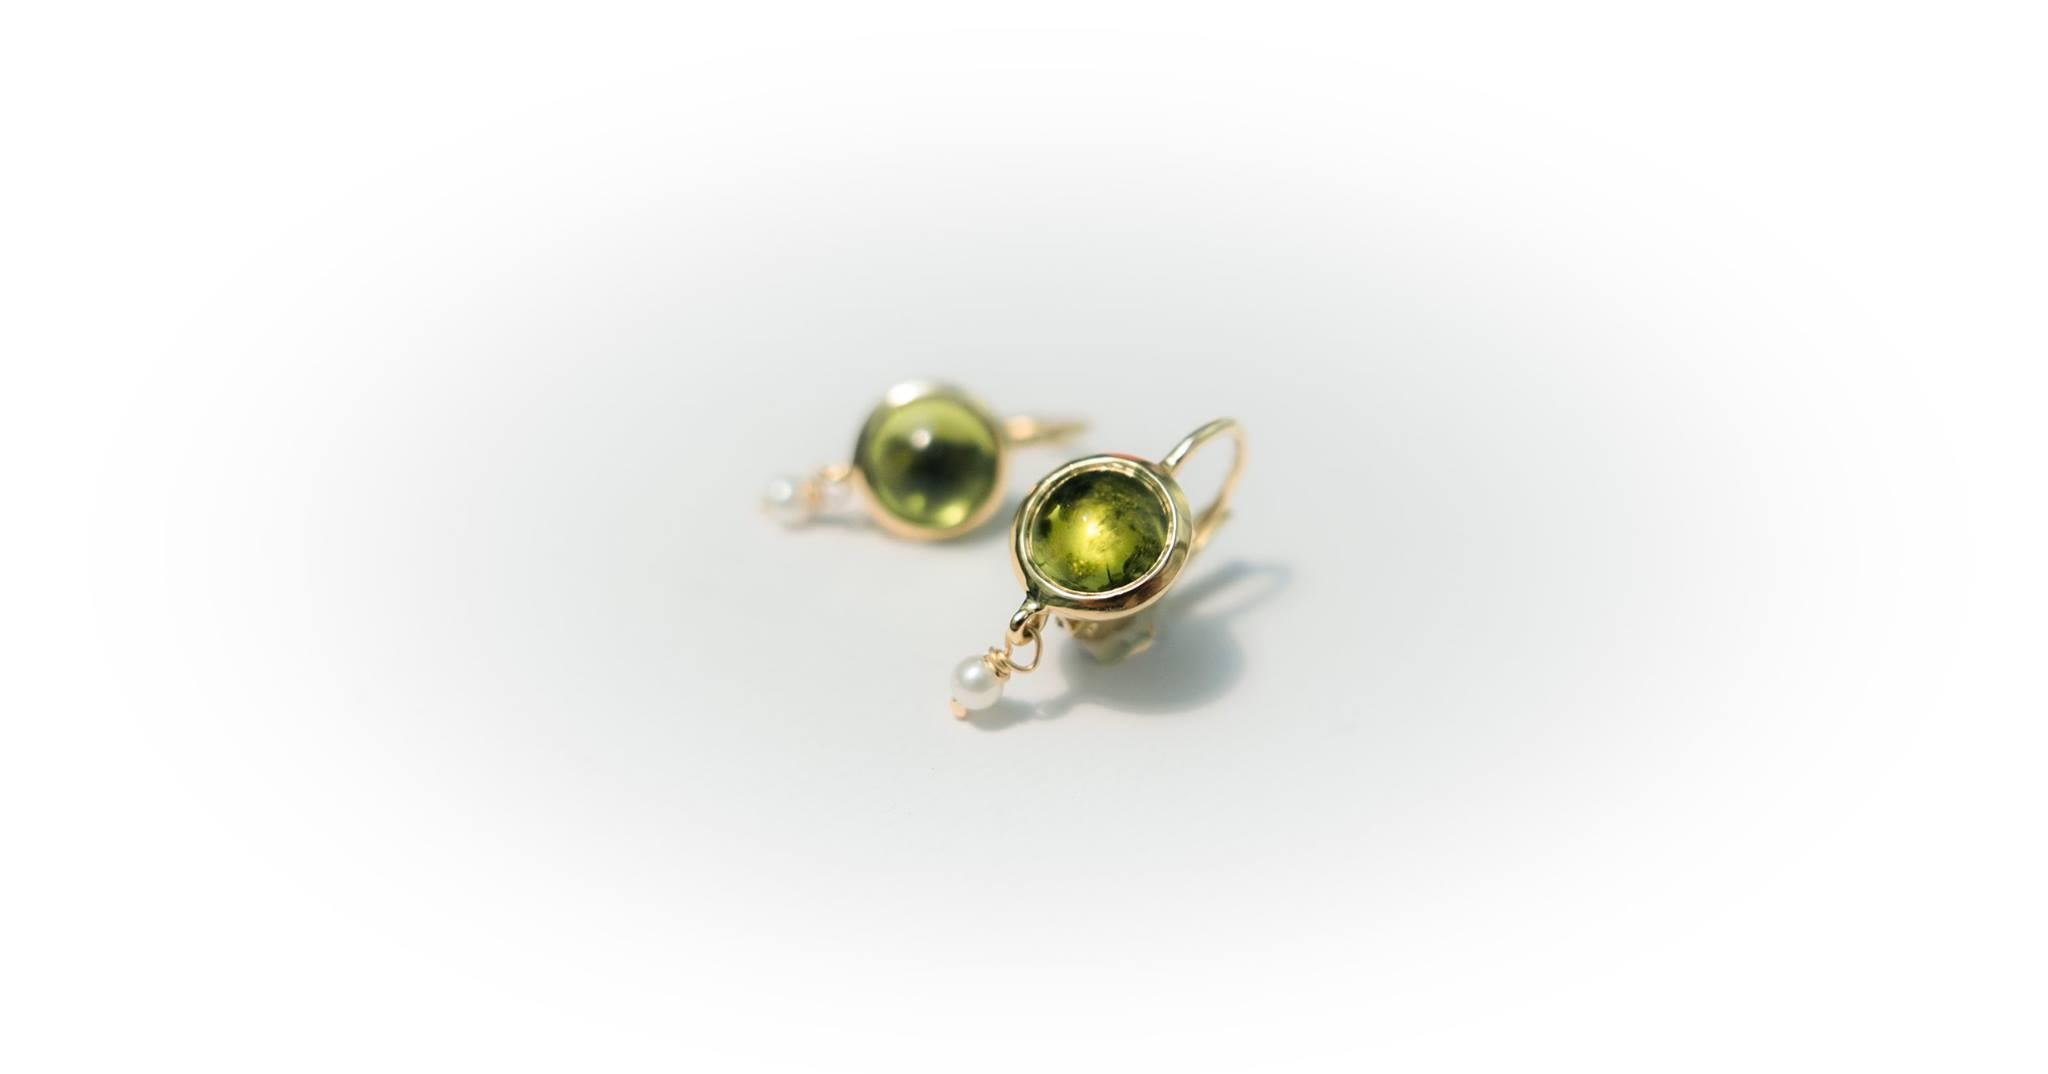 Orecchini oro giallo 18kt, peridoto cabochon e perla bianca - Chiara Parra presso Daniele Pifferi Gioielli Bologna